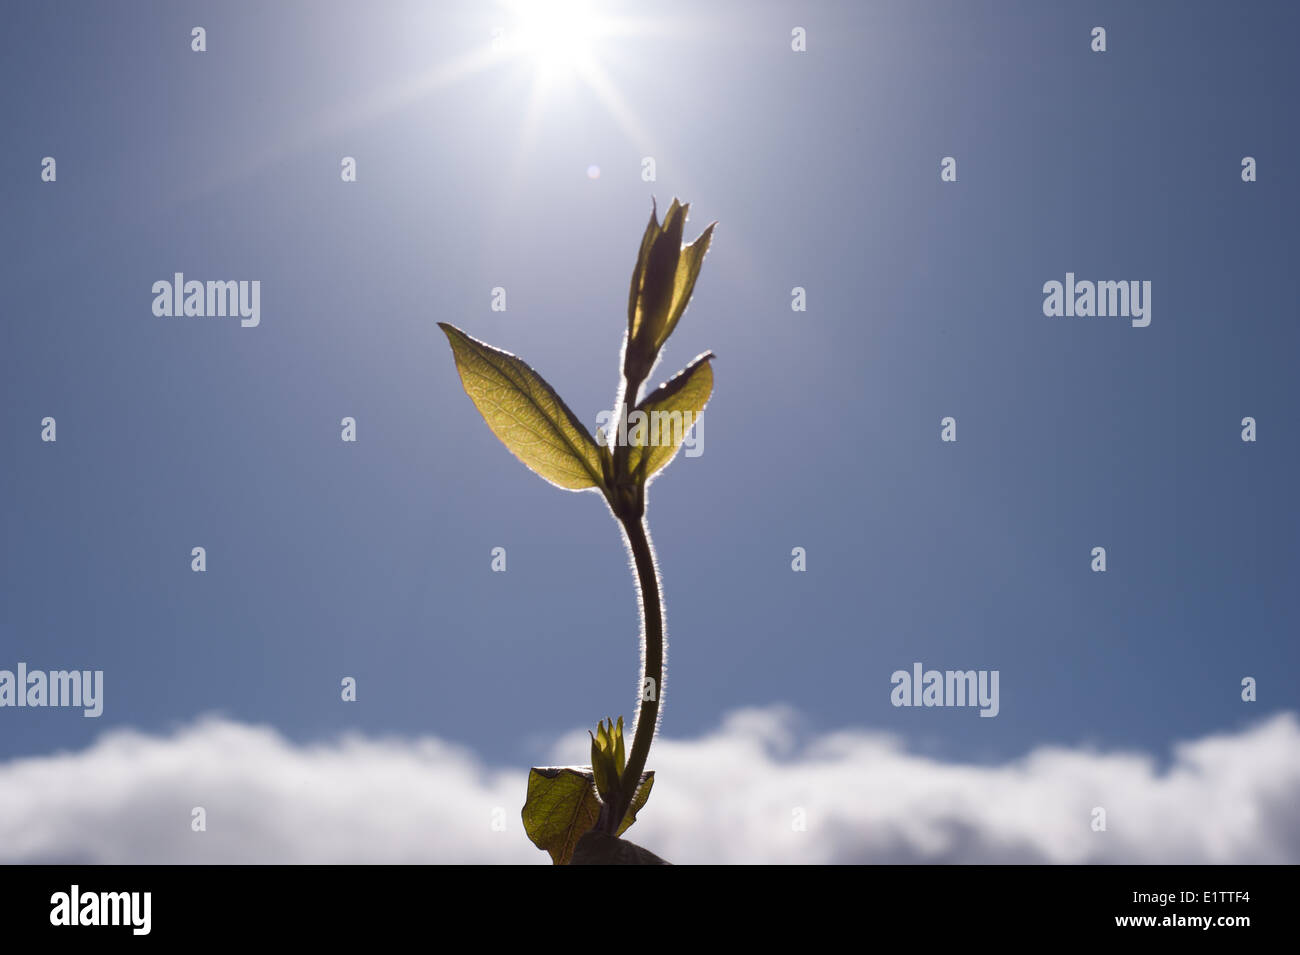 Croissance d'un arbrisseau atteignant jusqu'au soleil Photo Stock